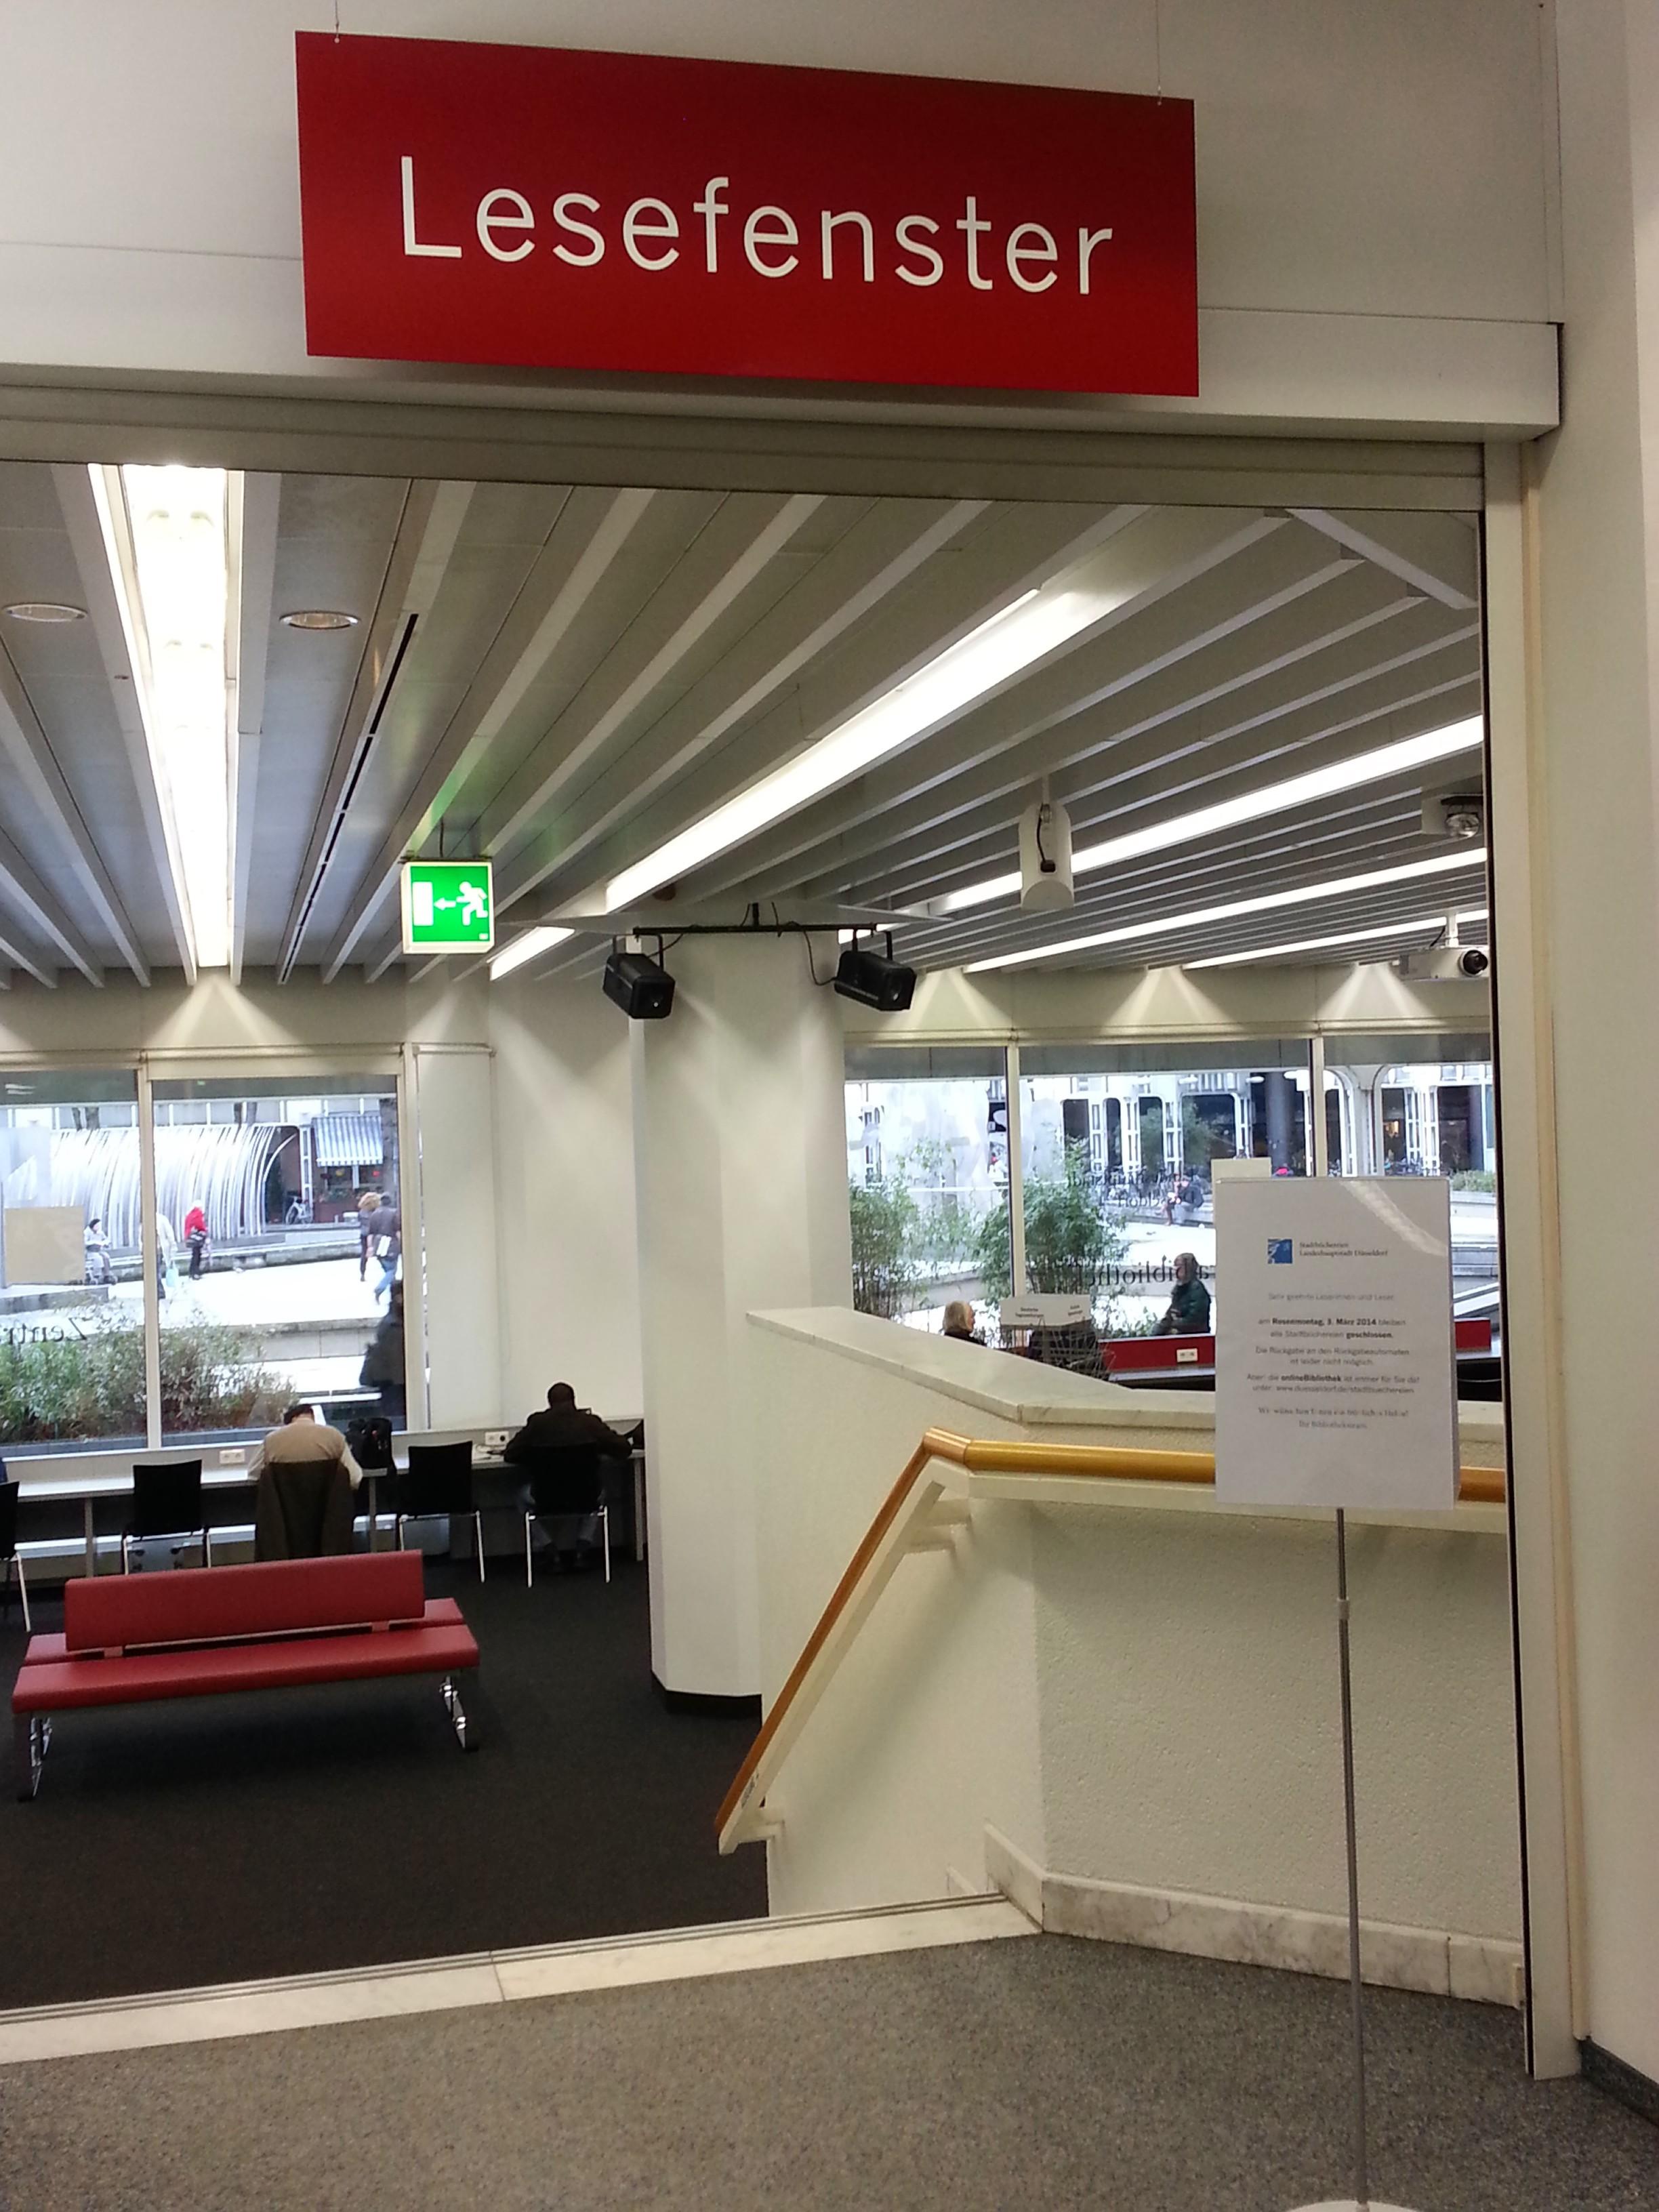 Düsseldorfer Stadtbücherei - Lesefenster